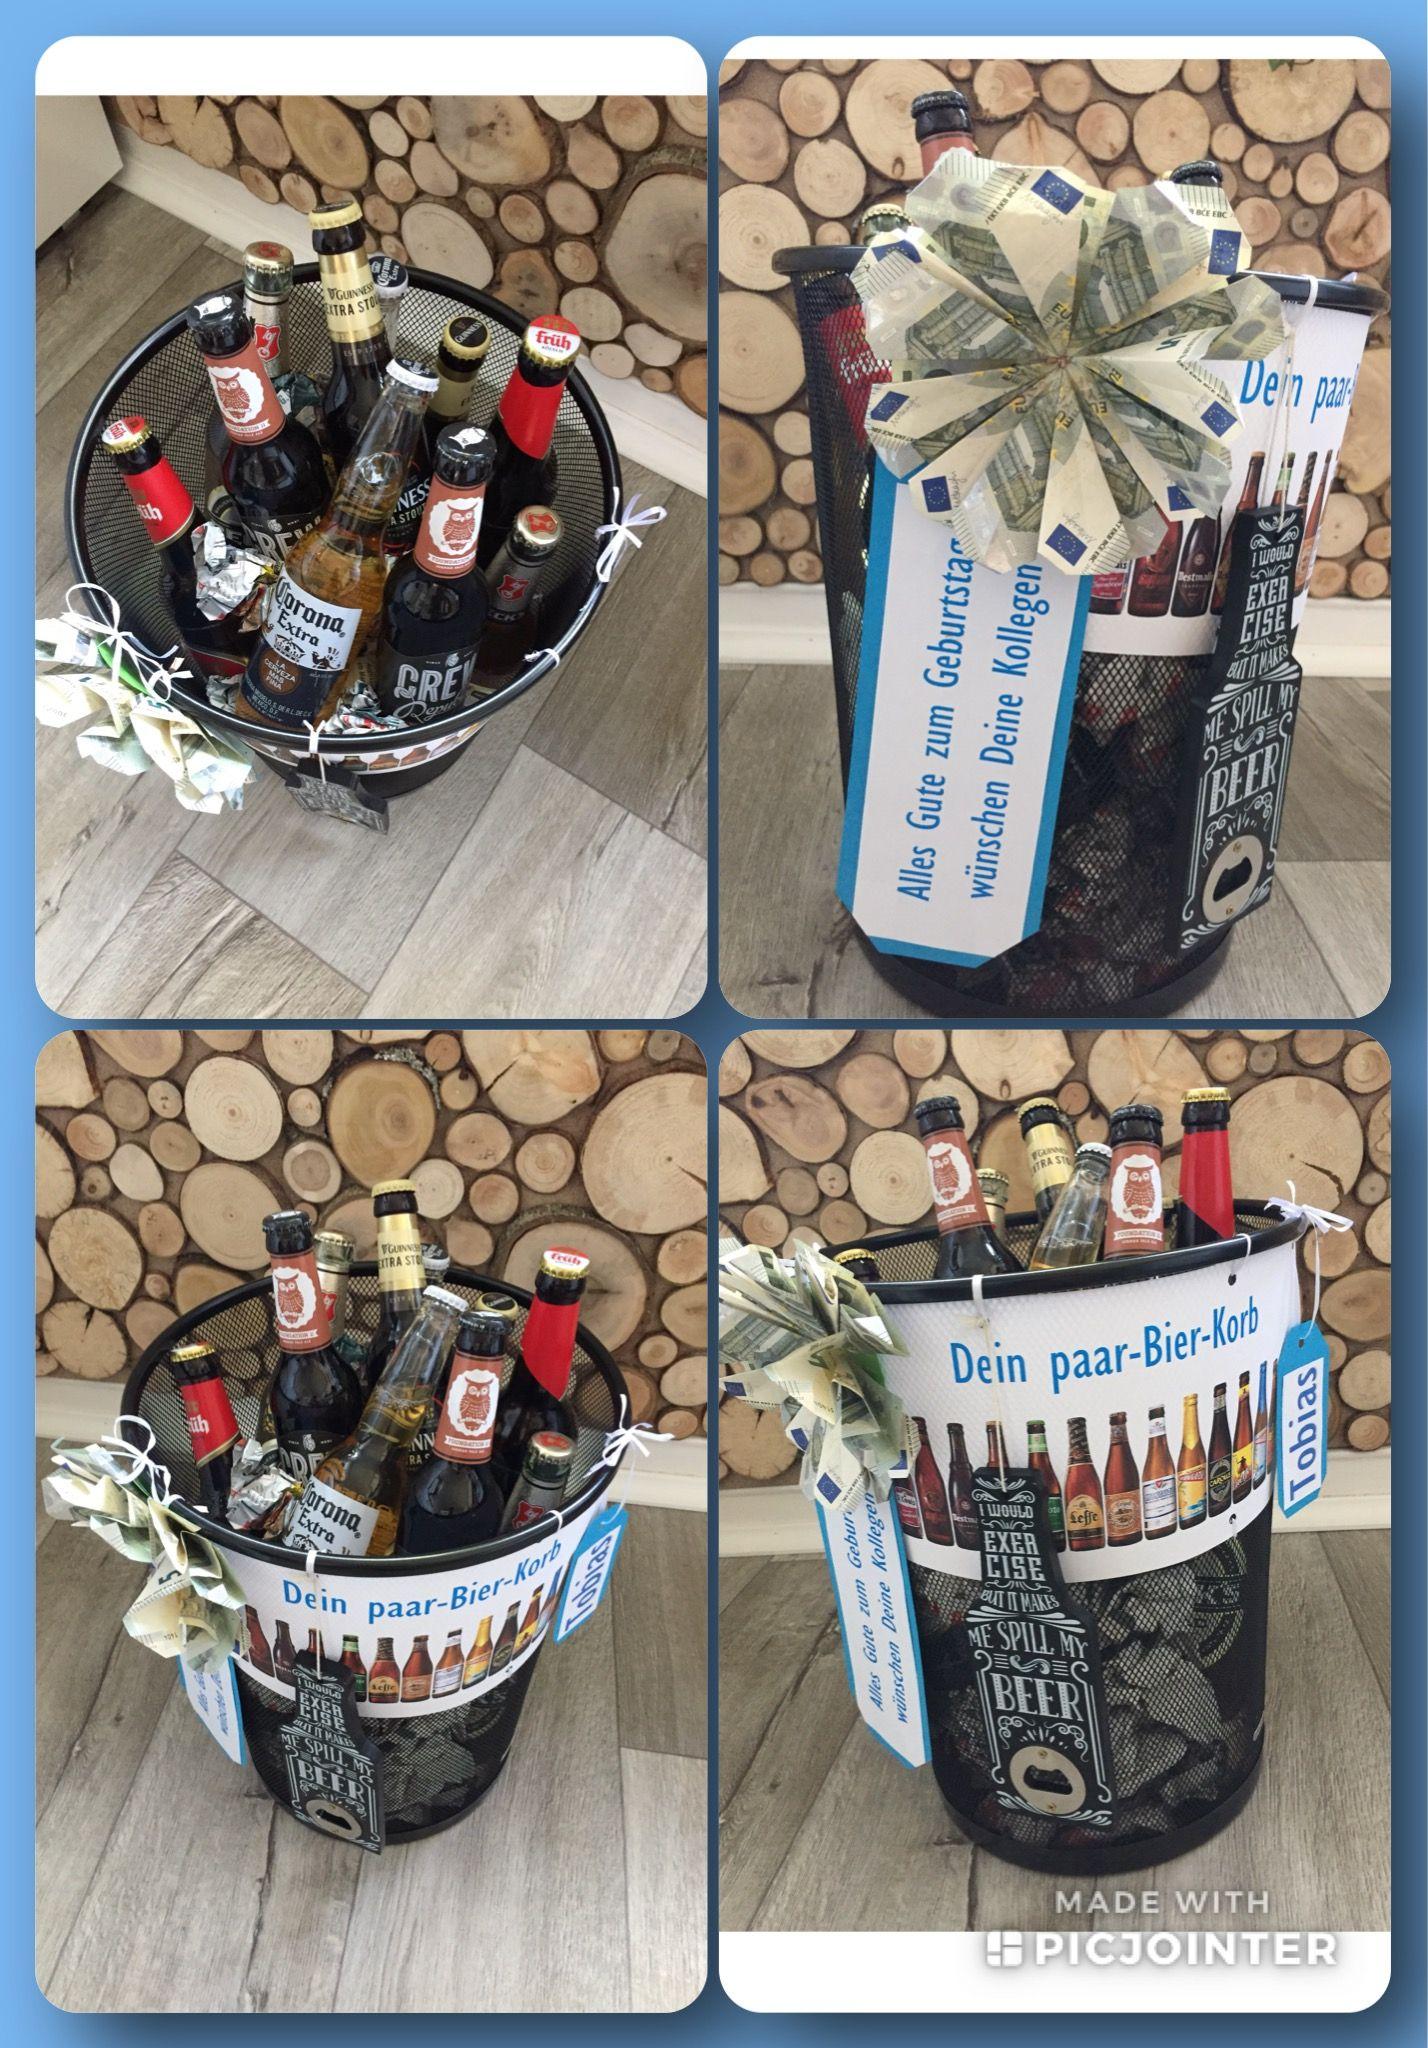 Paarbier Korb Zum Geburtstag Geburtstag Korb Alkohol Geschenke Bierkorb